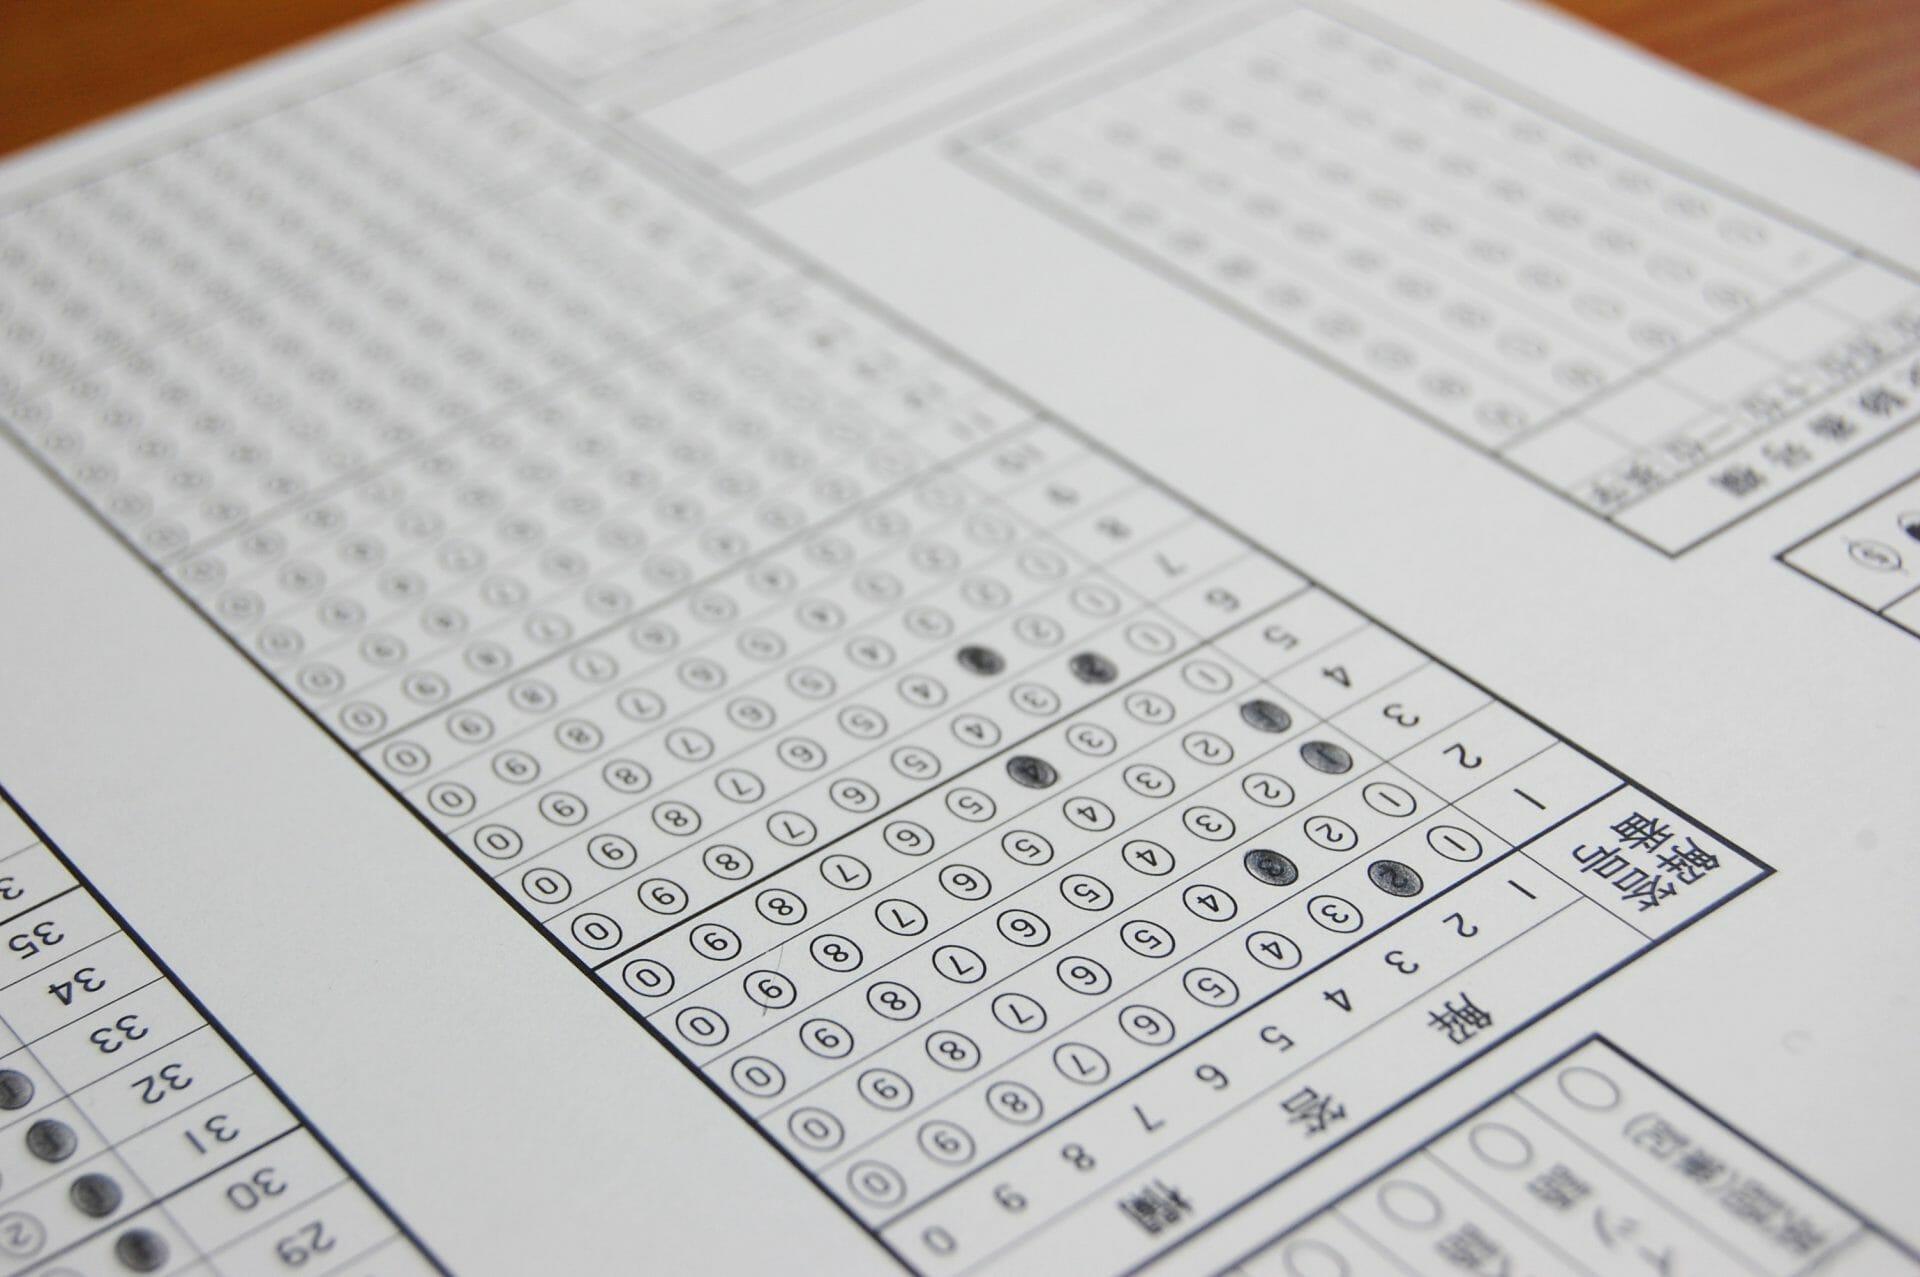 大学 試験 国立 二 日程 次